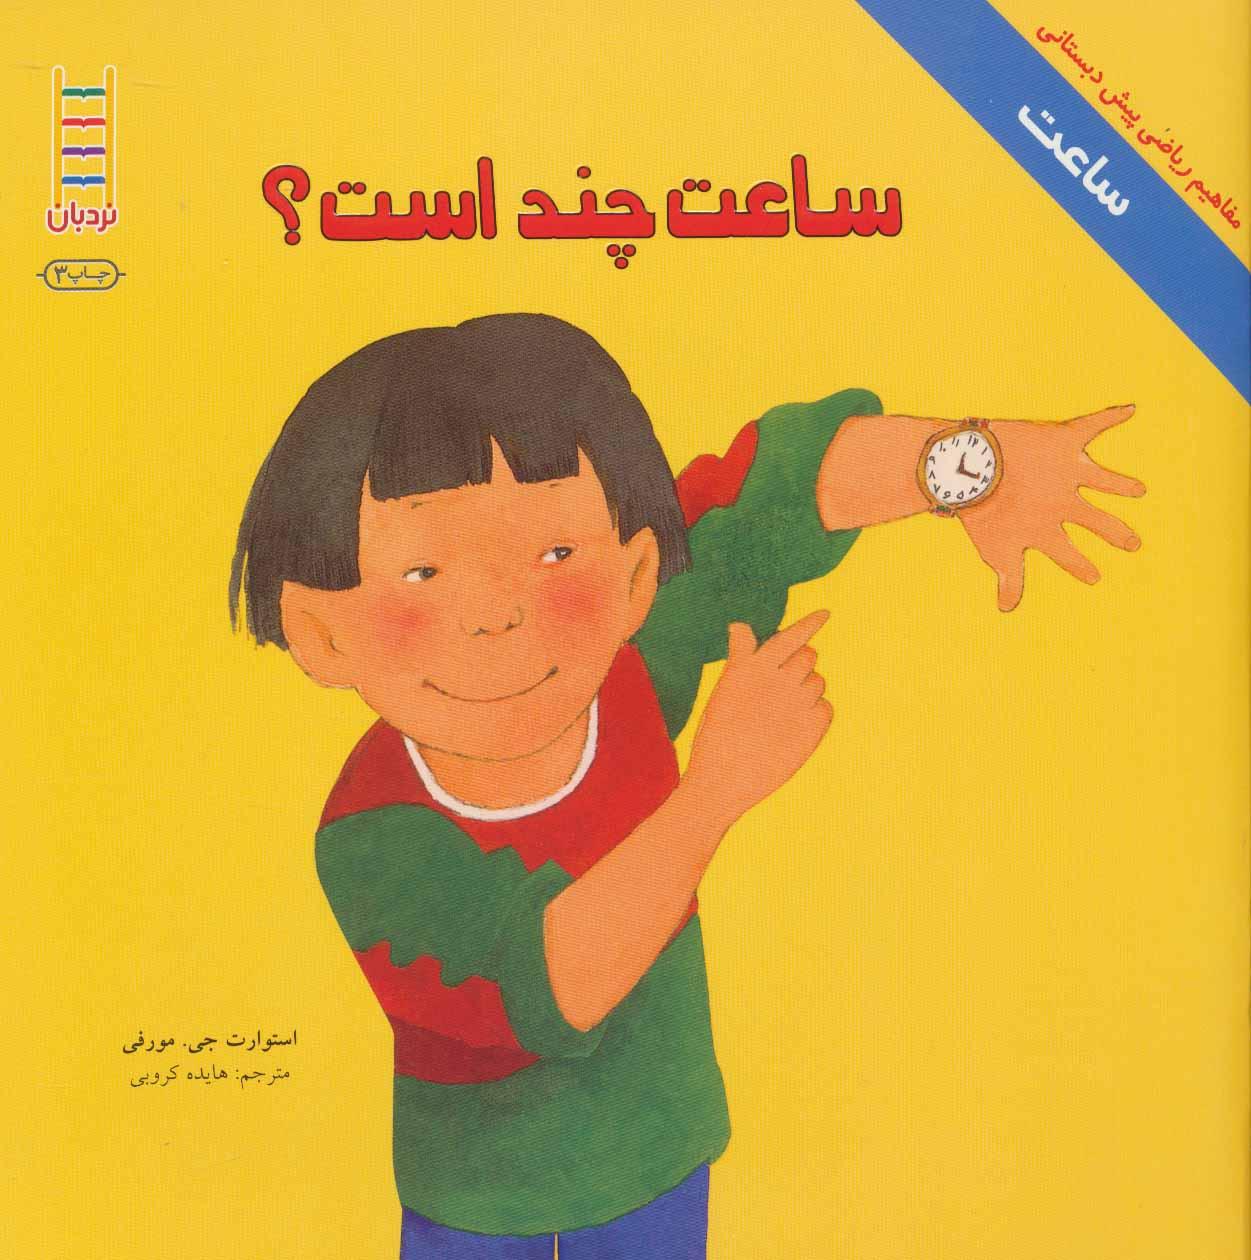 کتاب ساعت چند است؟